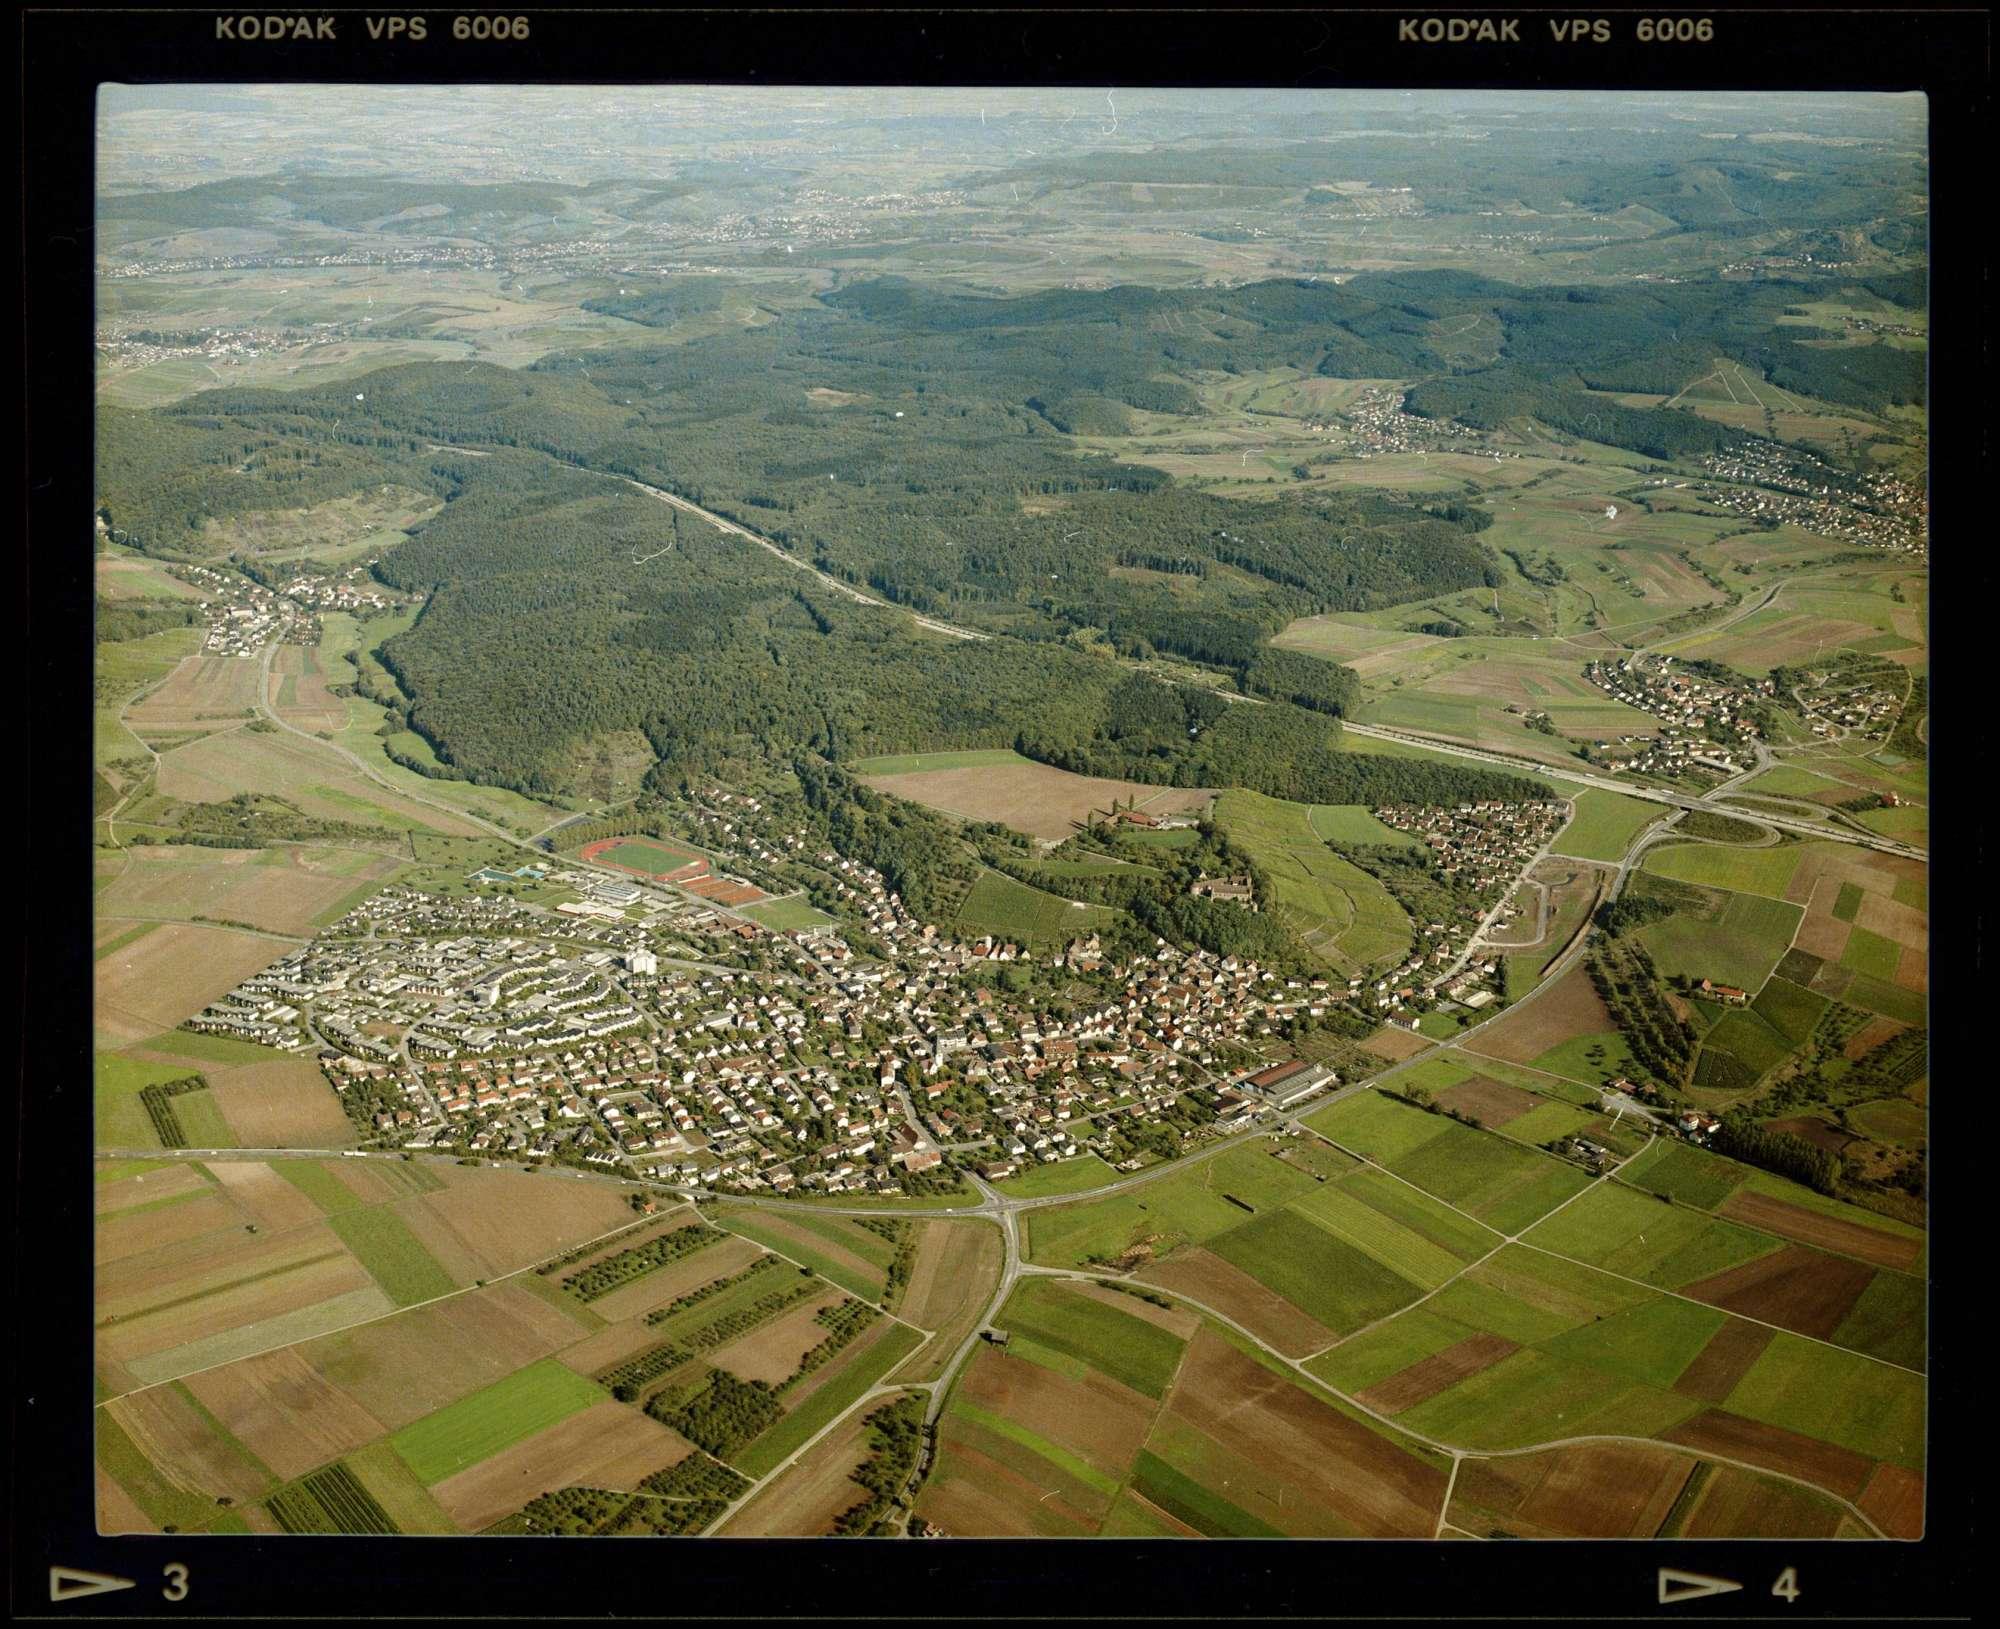 Untergruppenbach, Luftbild, Bild 1